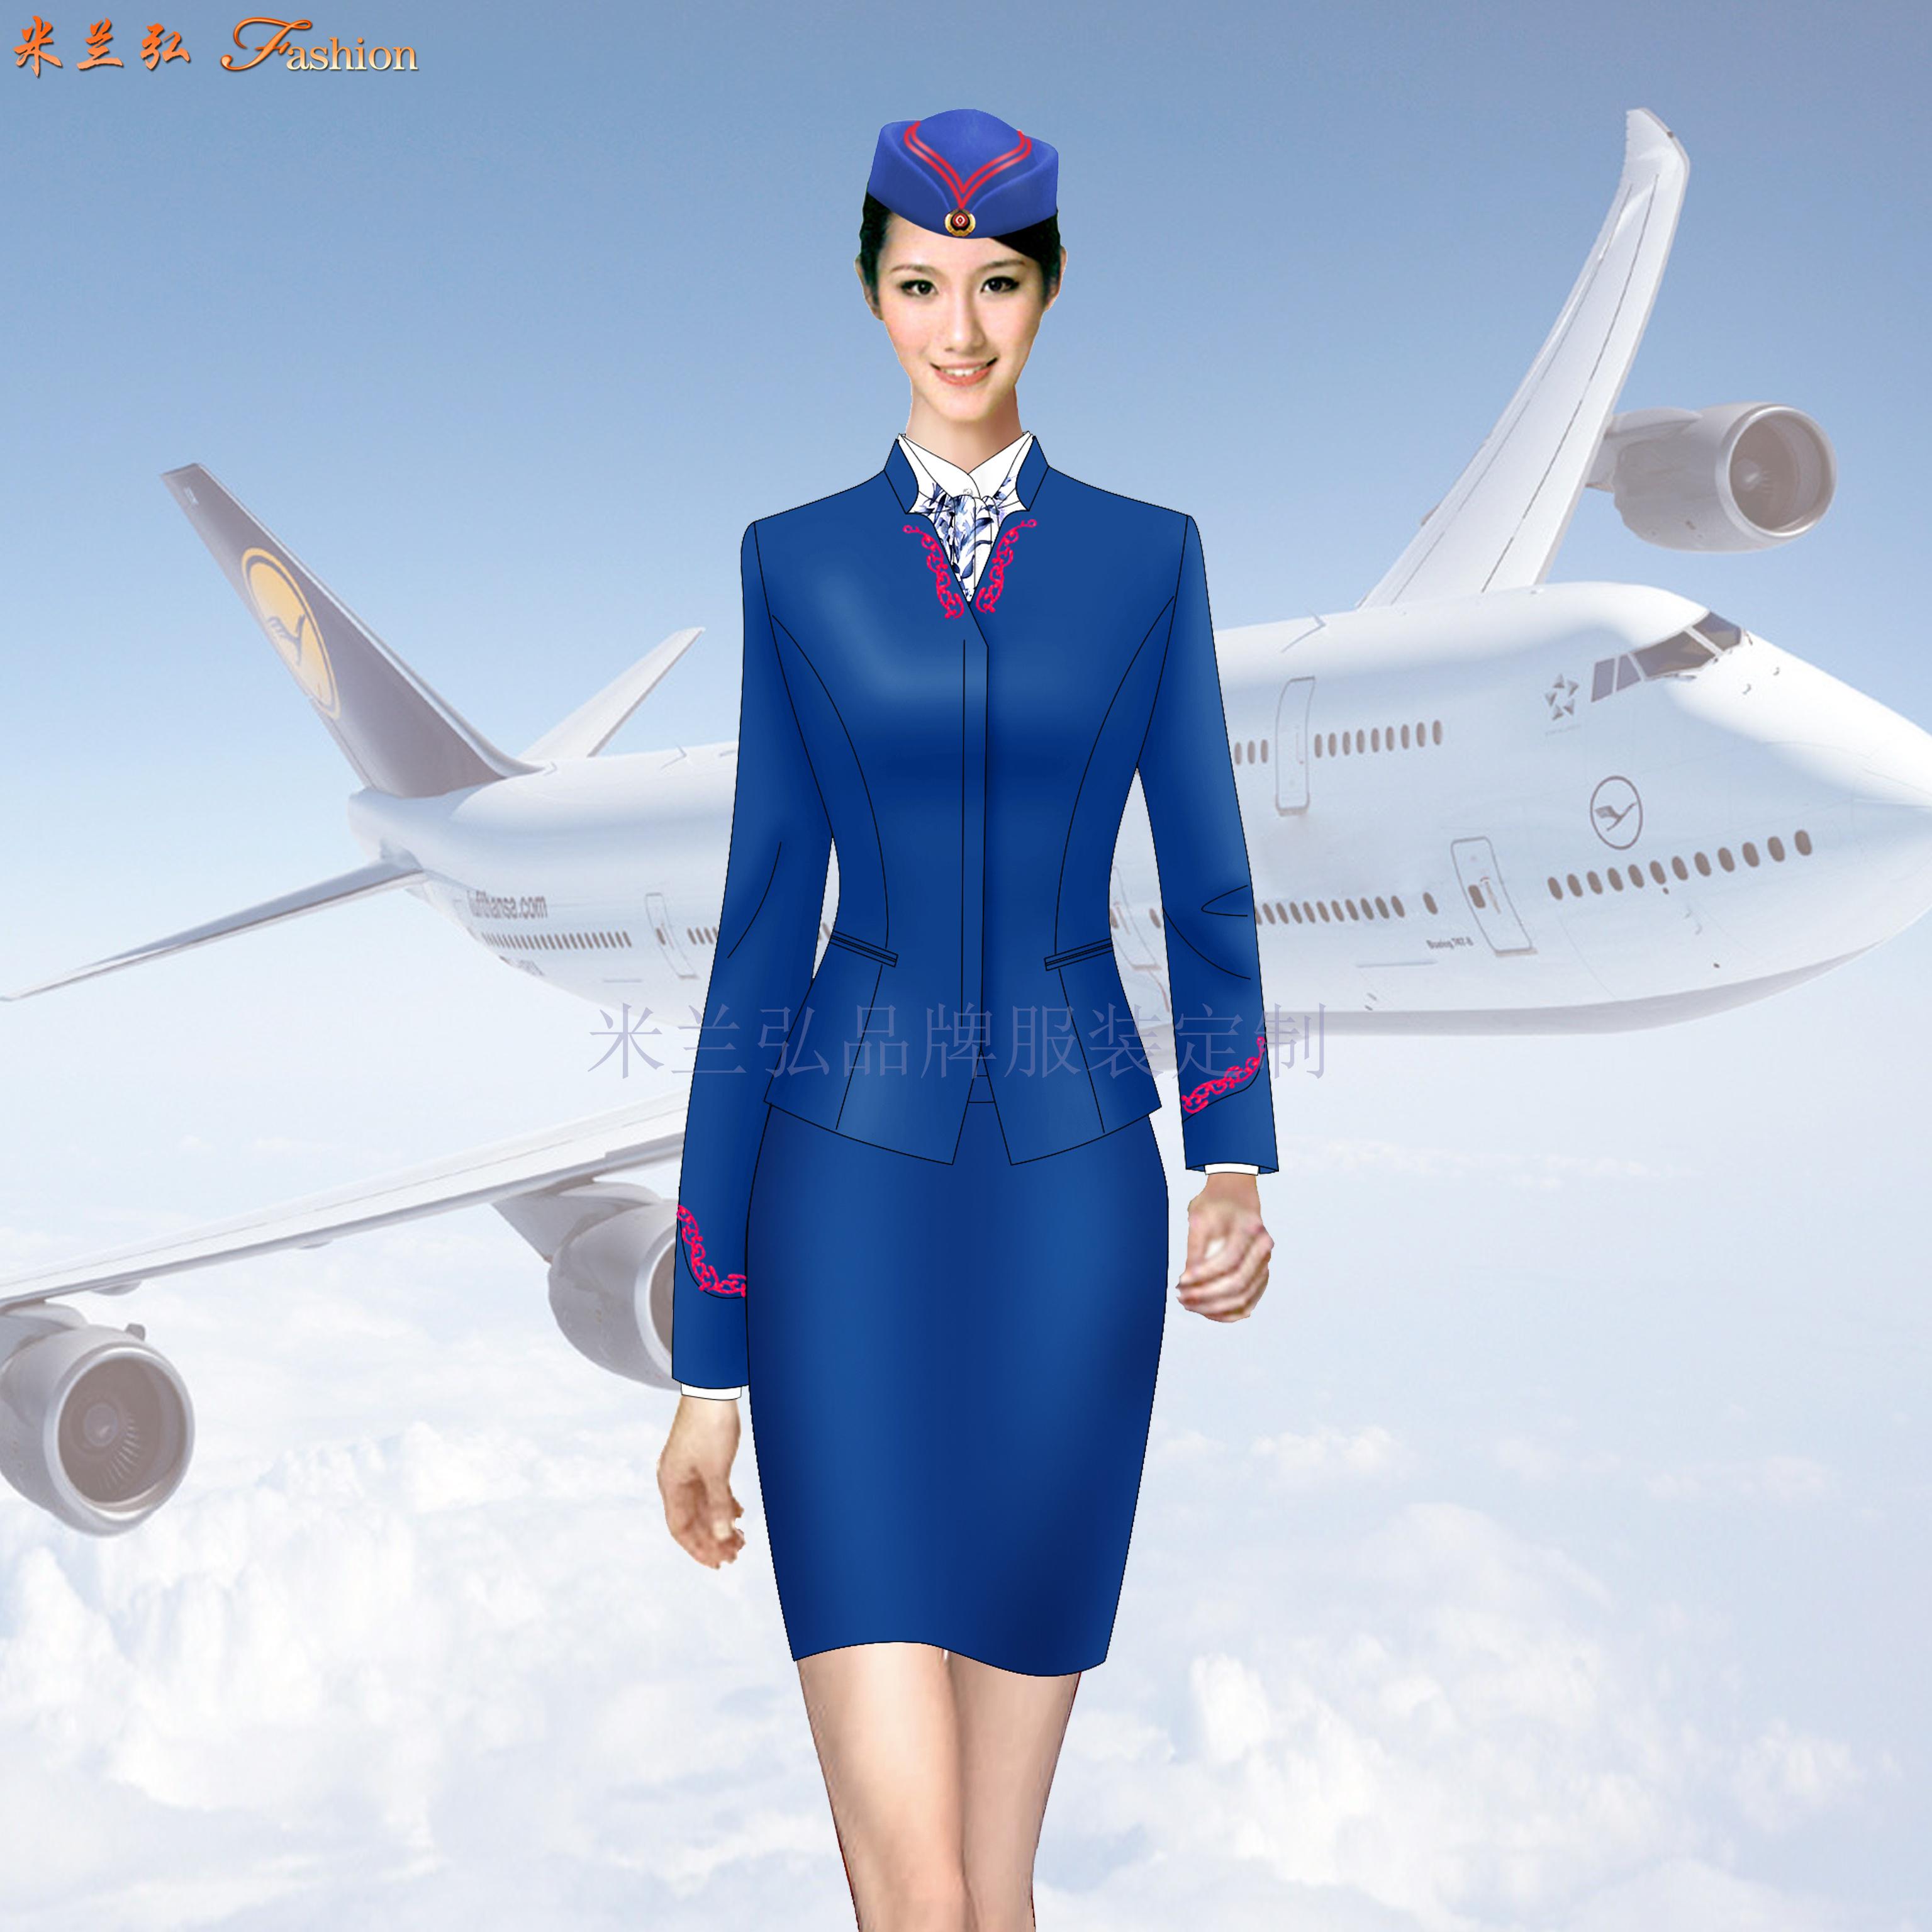 「空姐服」北京量體定制訂做潮流空姐服的誠信公司-米蘭弘服裝-5